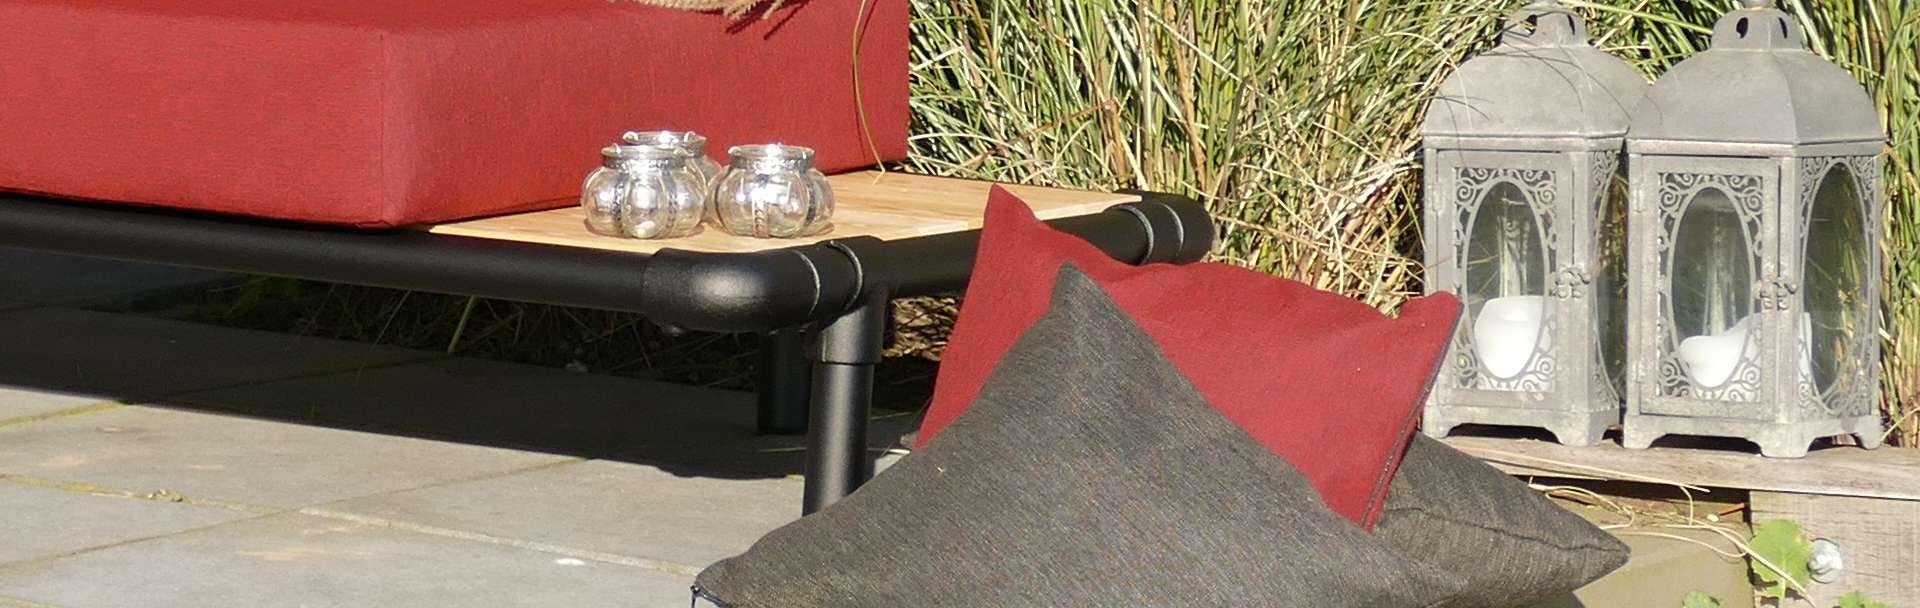 lounge hoekbank voor in de tuin, antraciet grijs met motief